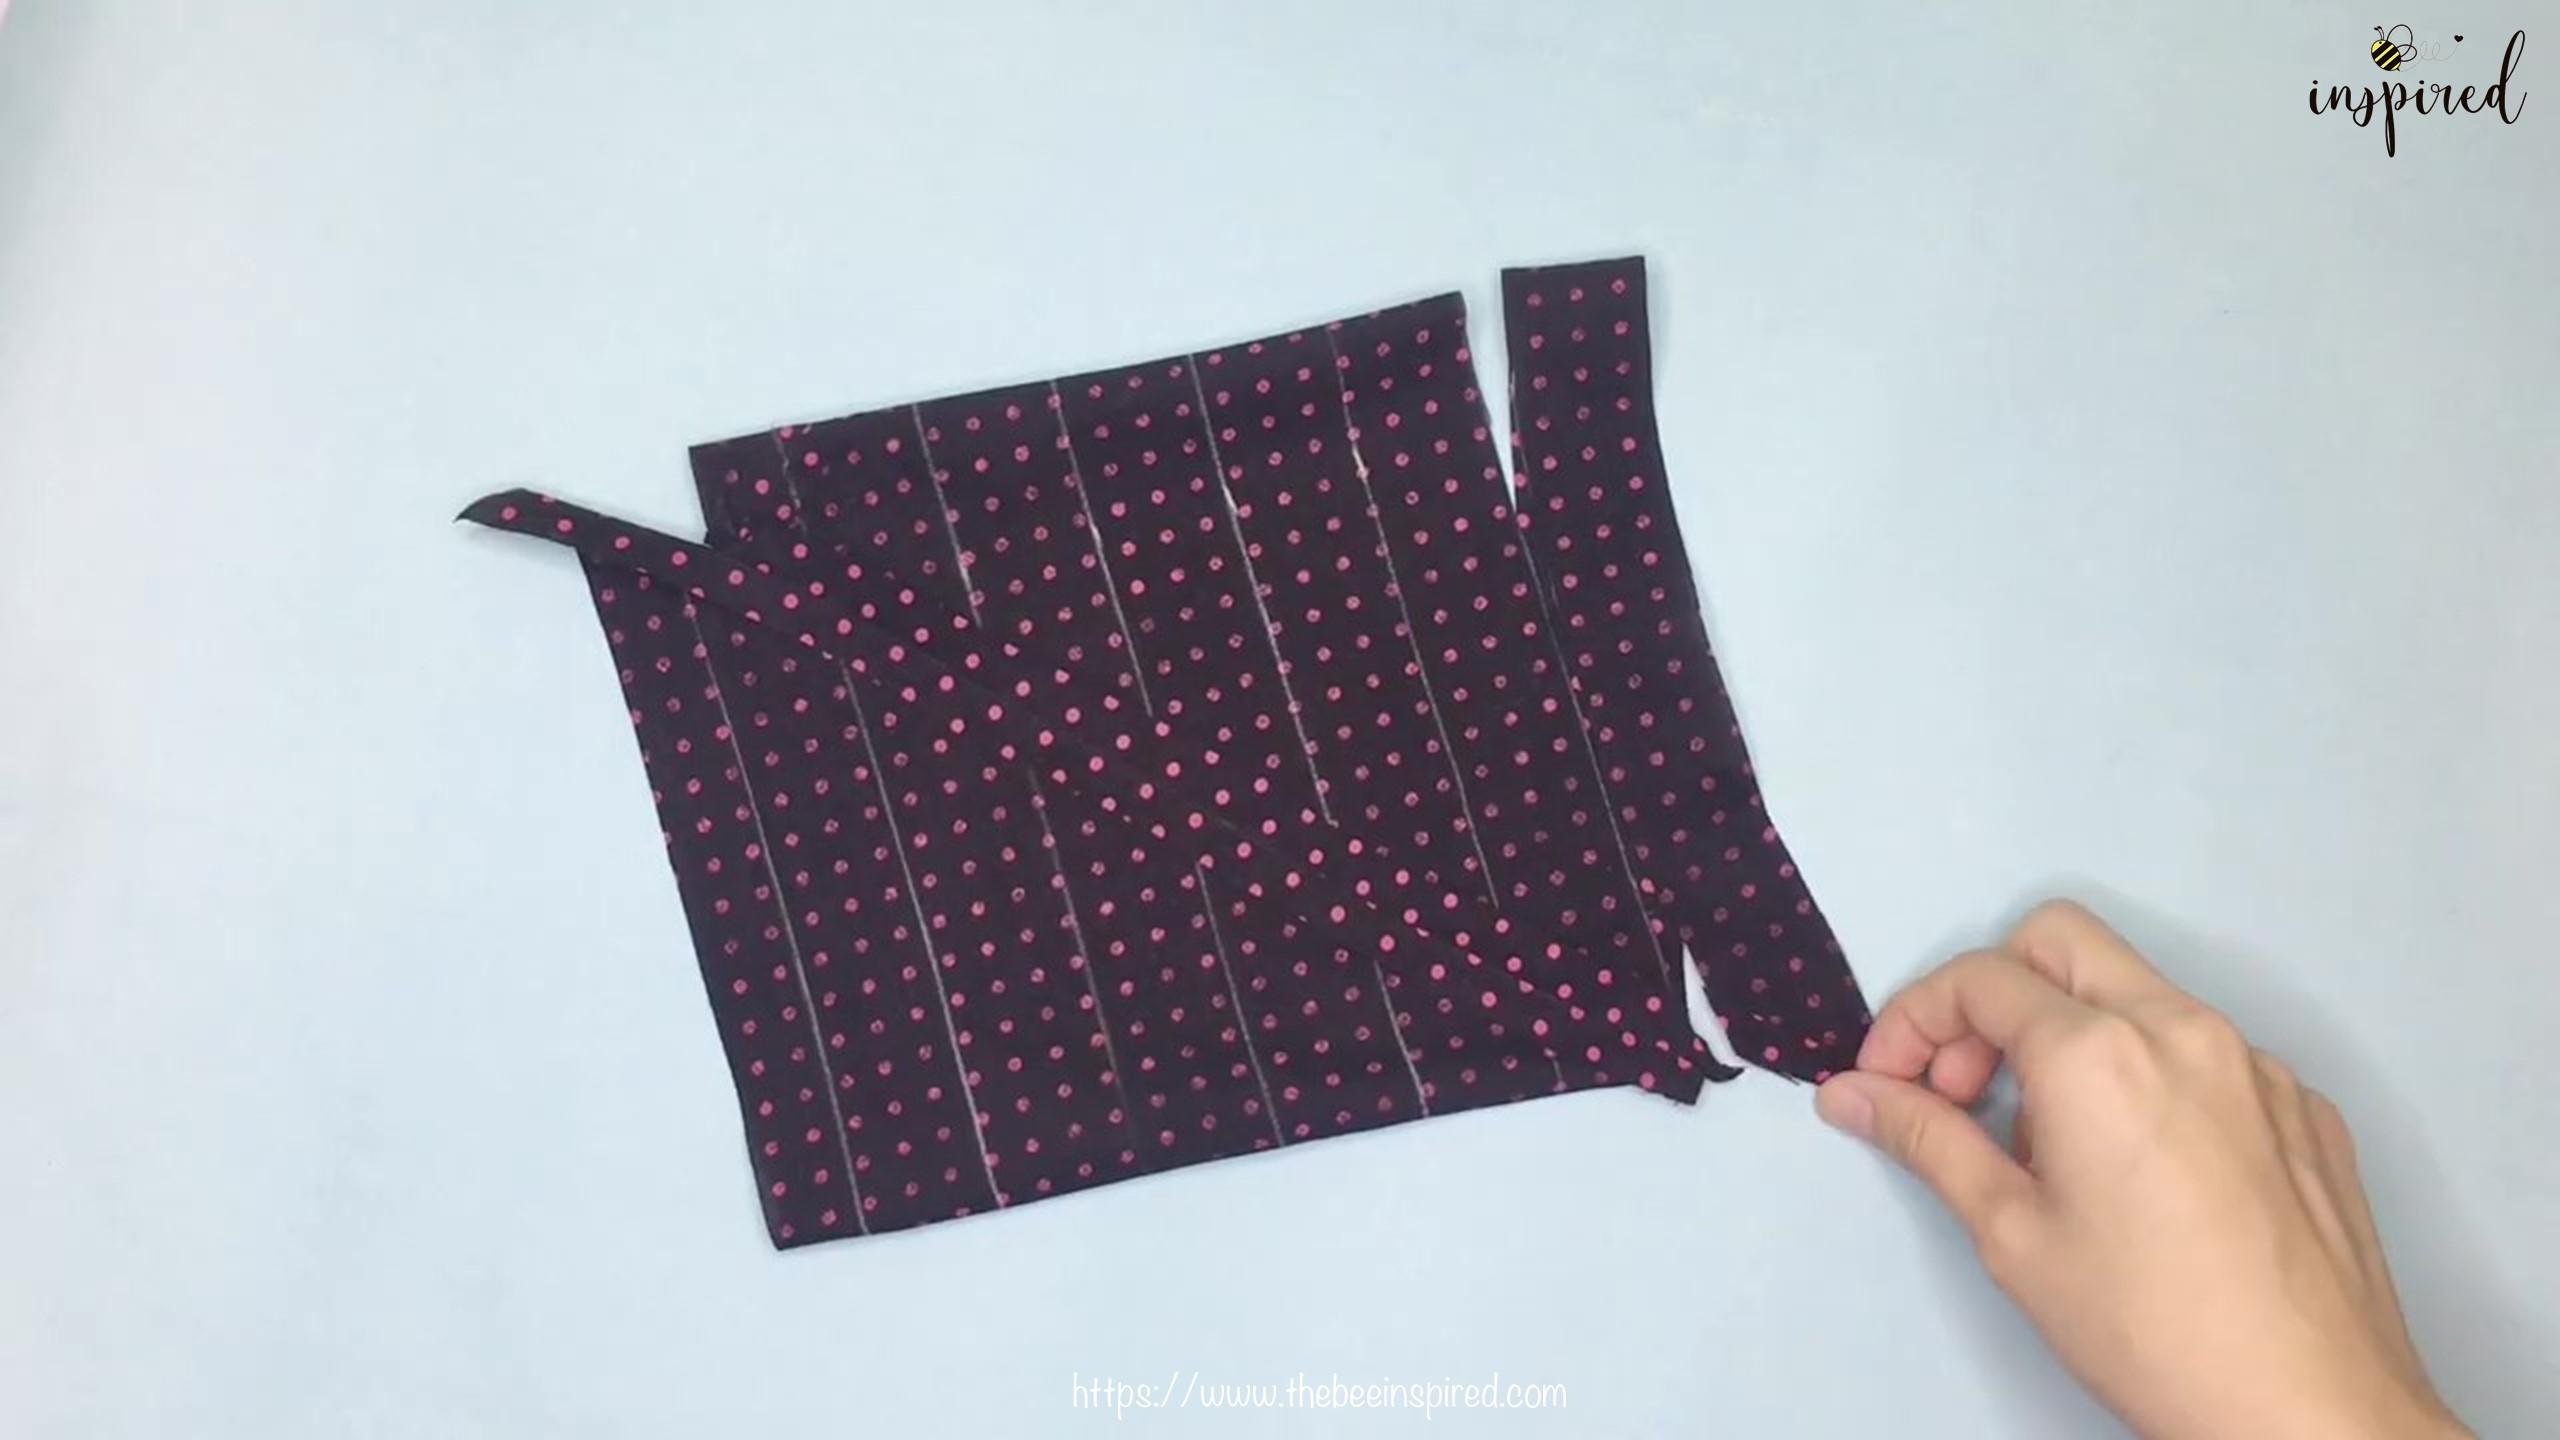 เทคนิคตัดและต่อผ้าเฉลียงที่ไม่ดูไม่ได้_ What is Fabric Grain & How to Make Continuous Bias Binding_13